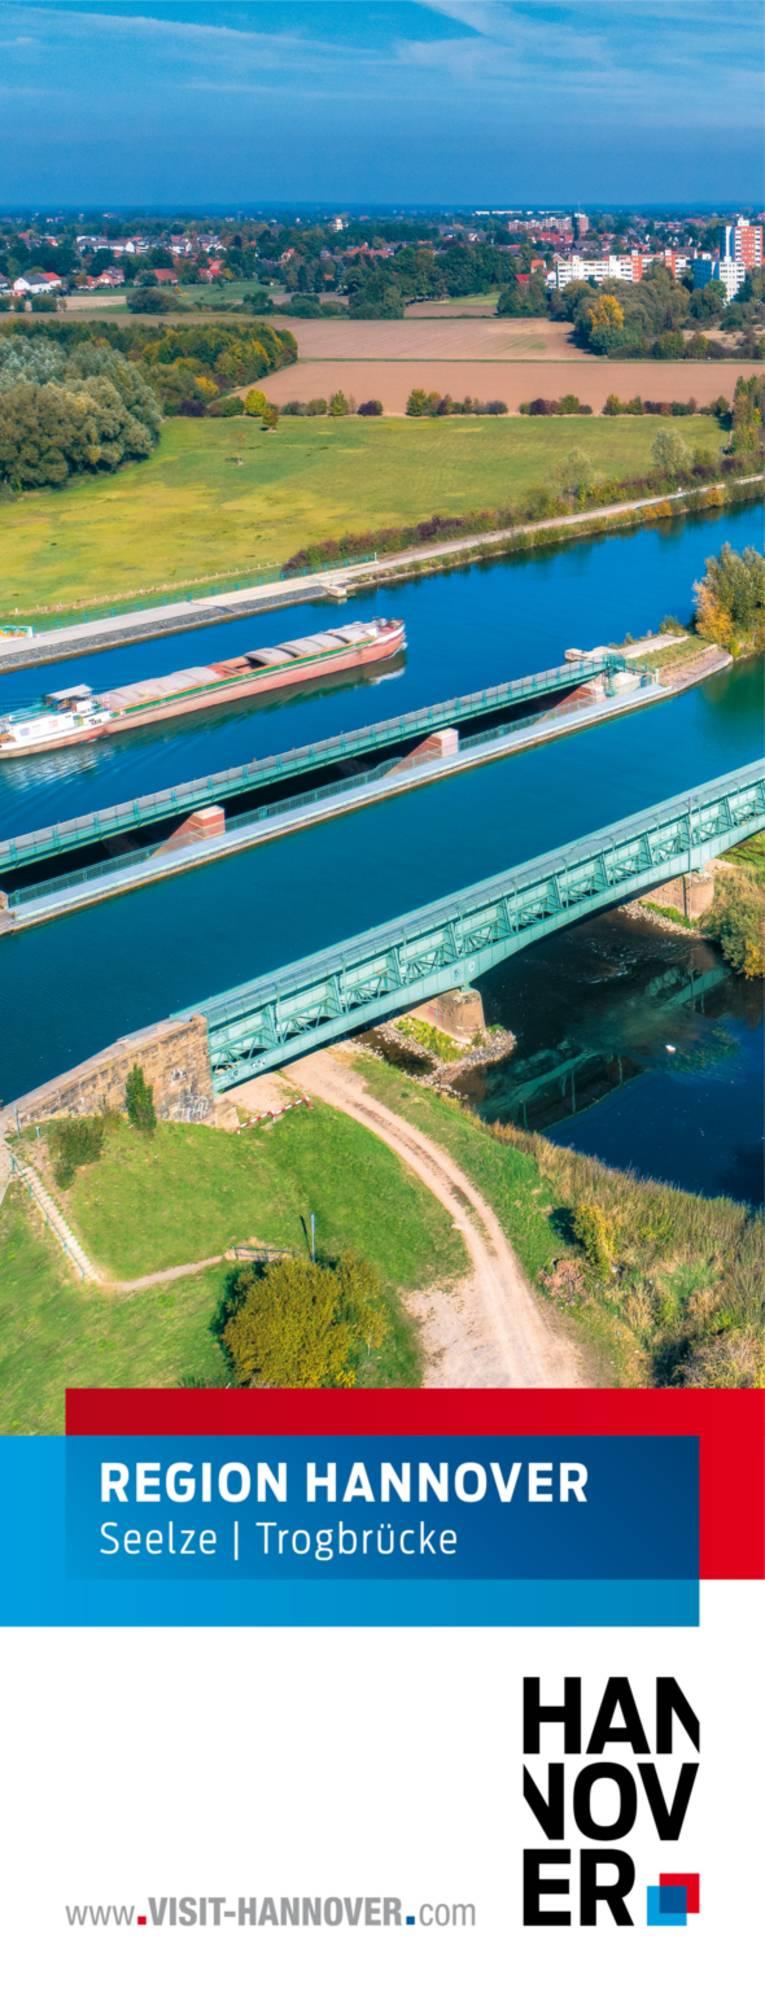 Seelze präsentiert sich mit einem Motiv der Trogbrücke.